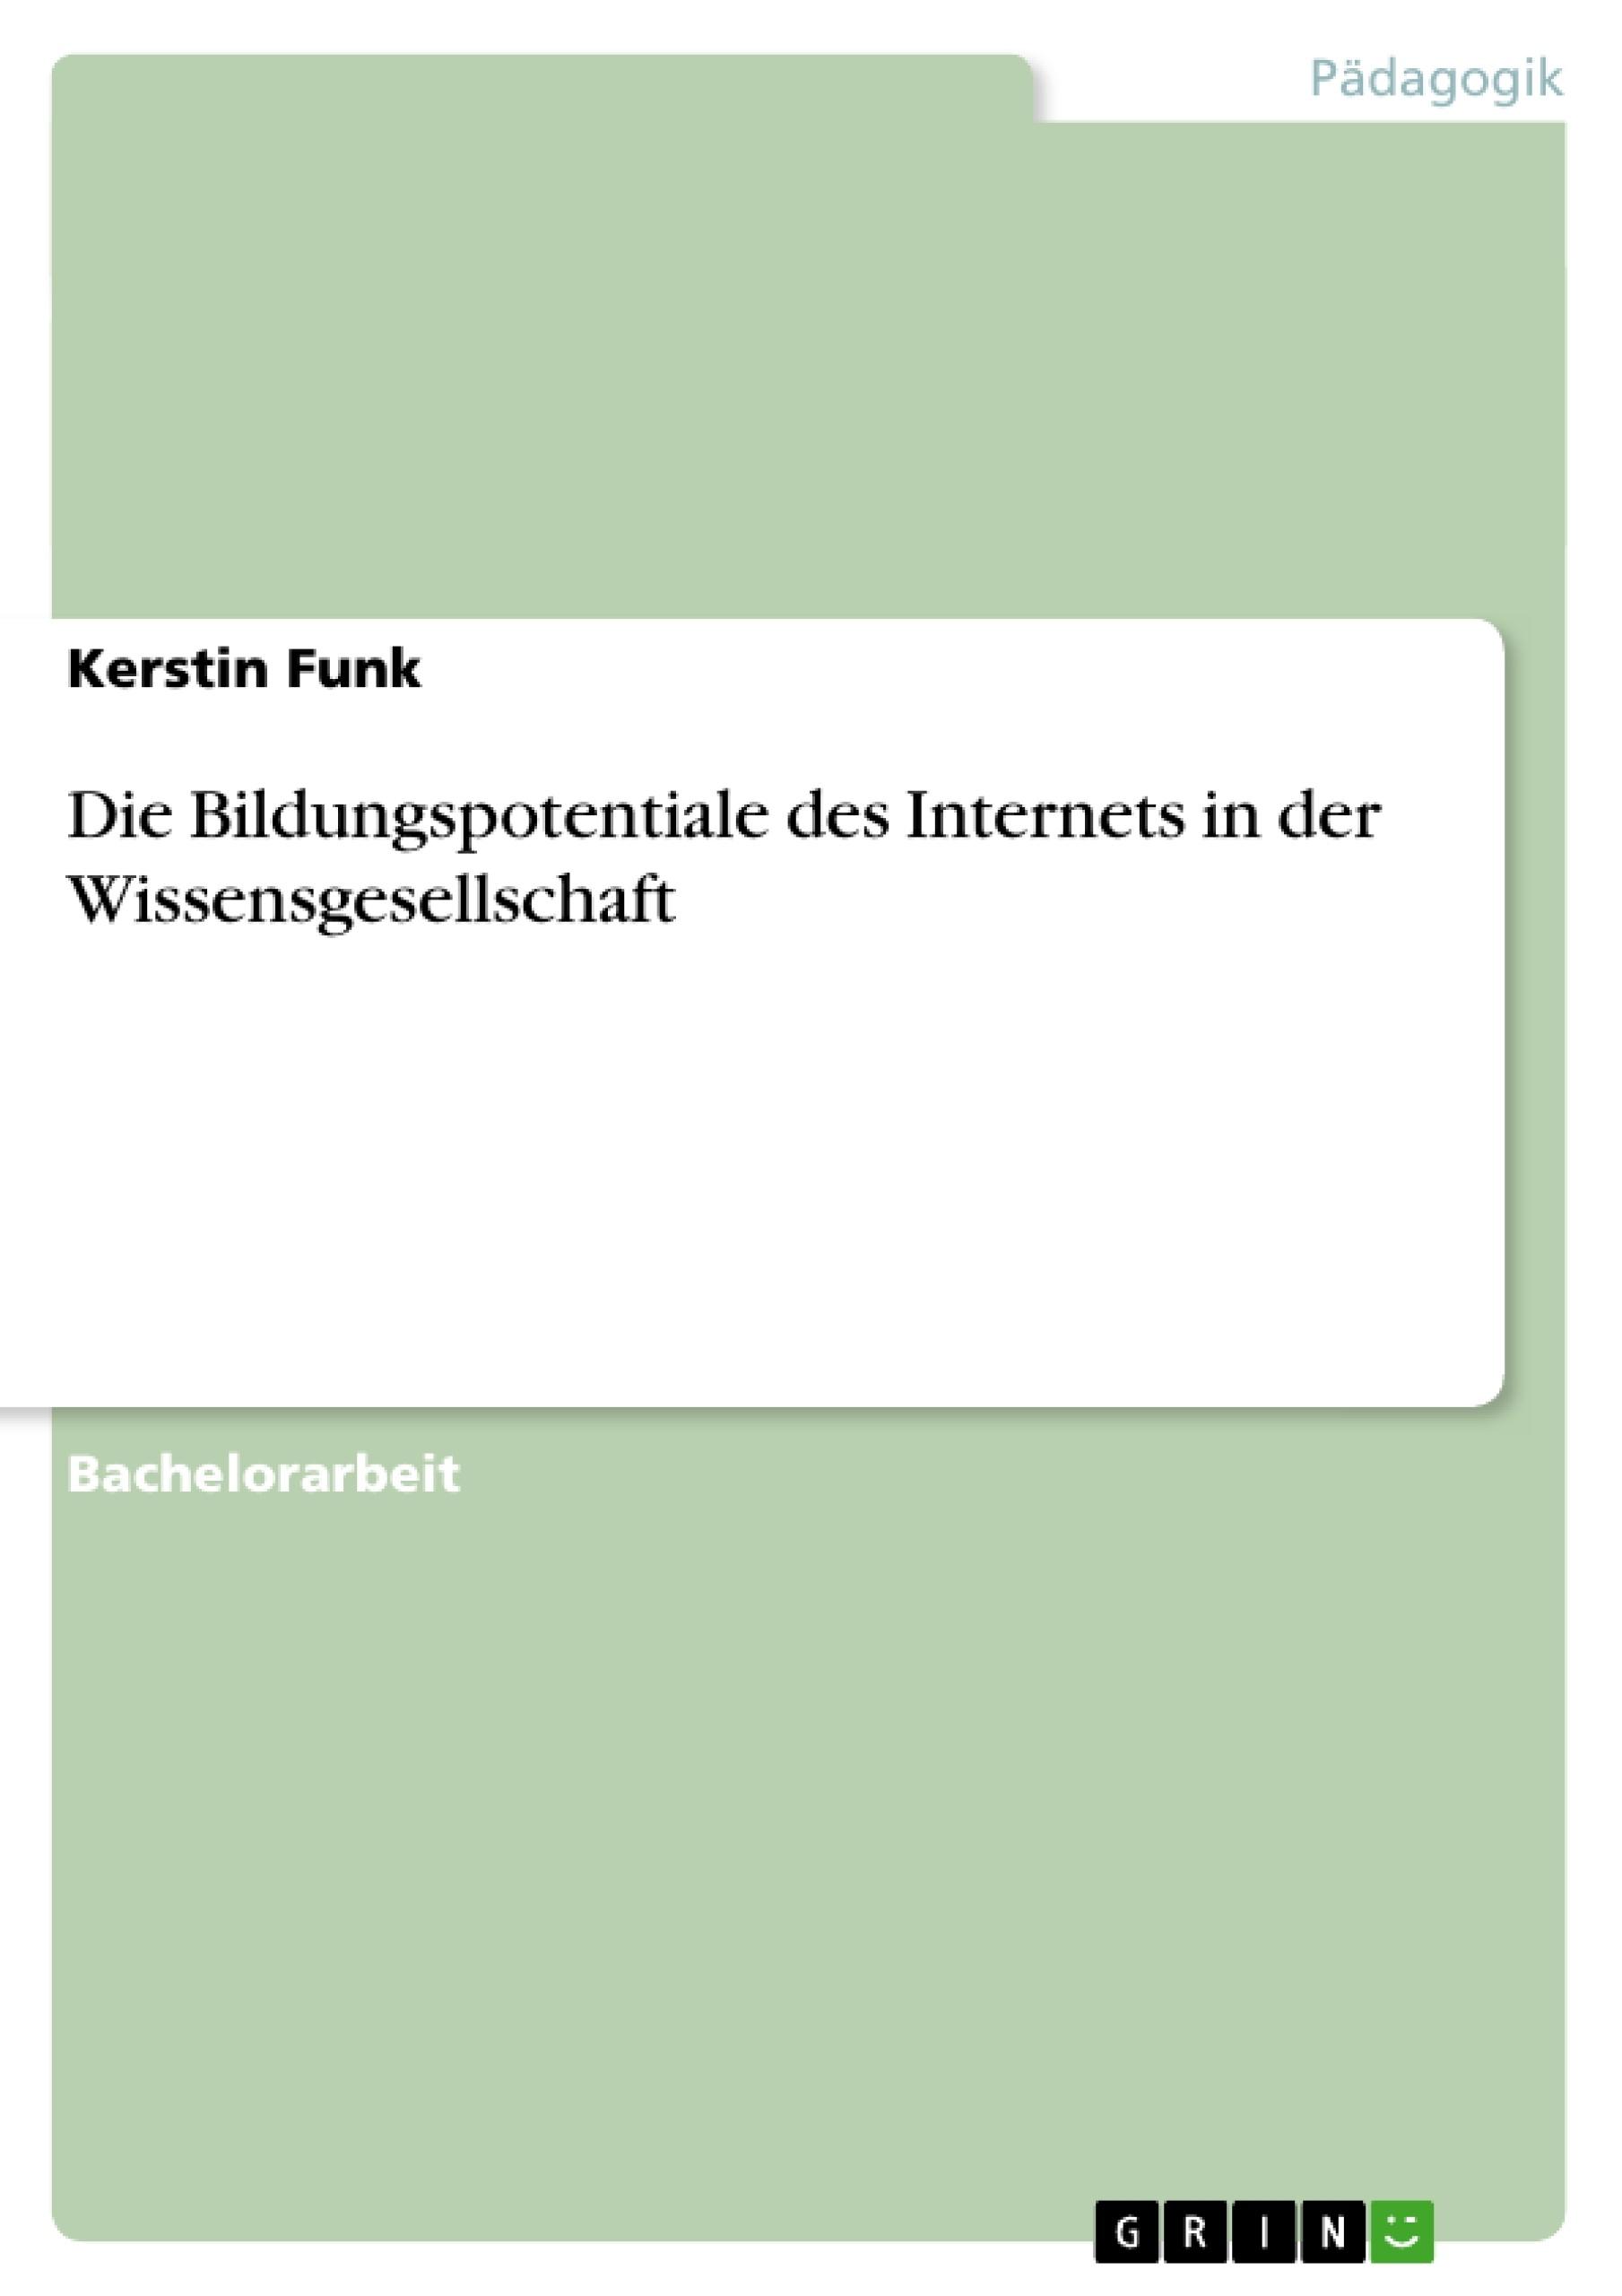 Titel: Die Bildungspotentiale des Internets in der Wissensgesellschaft